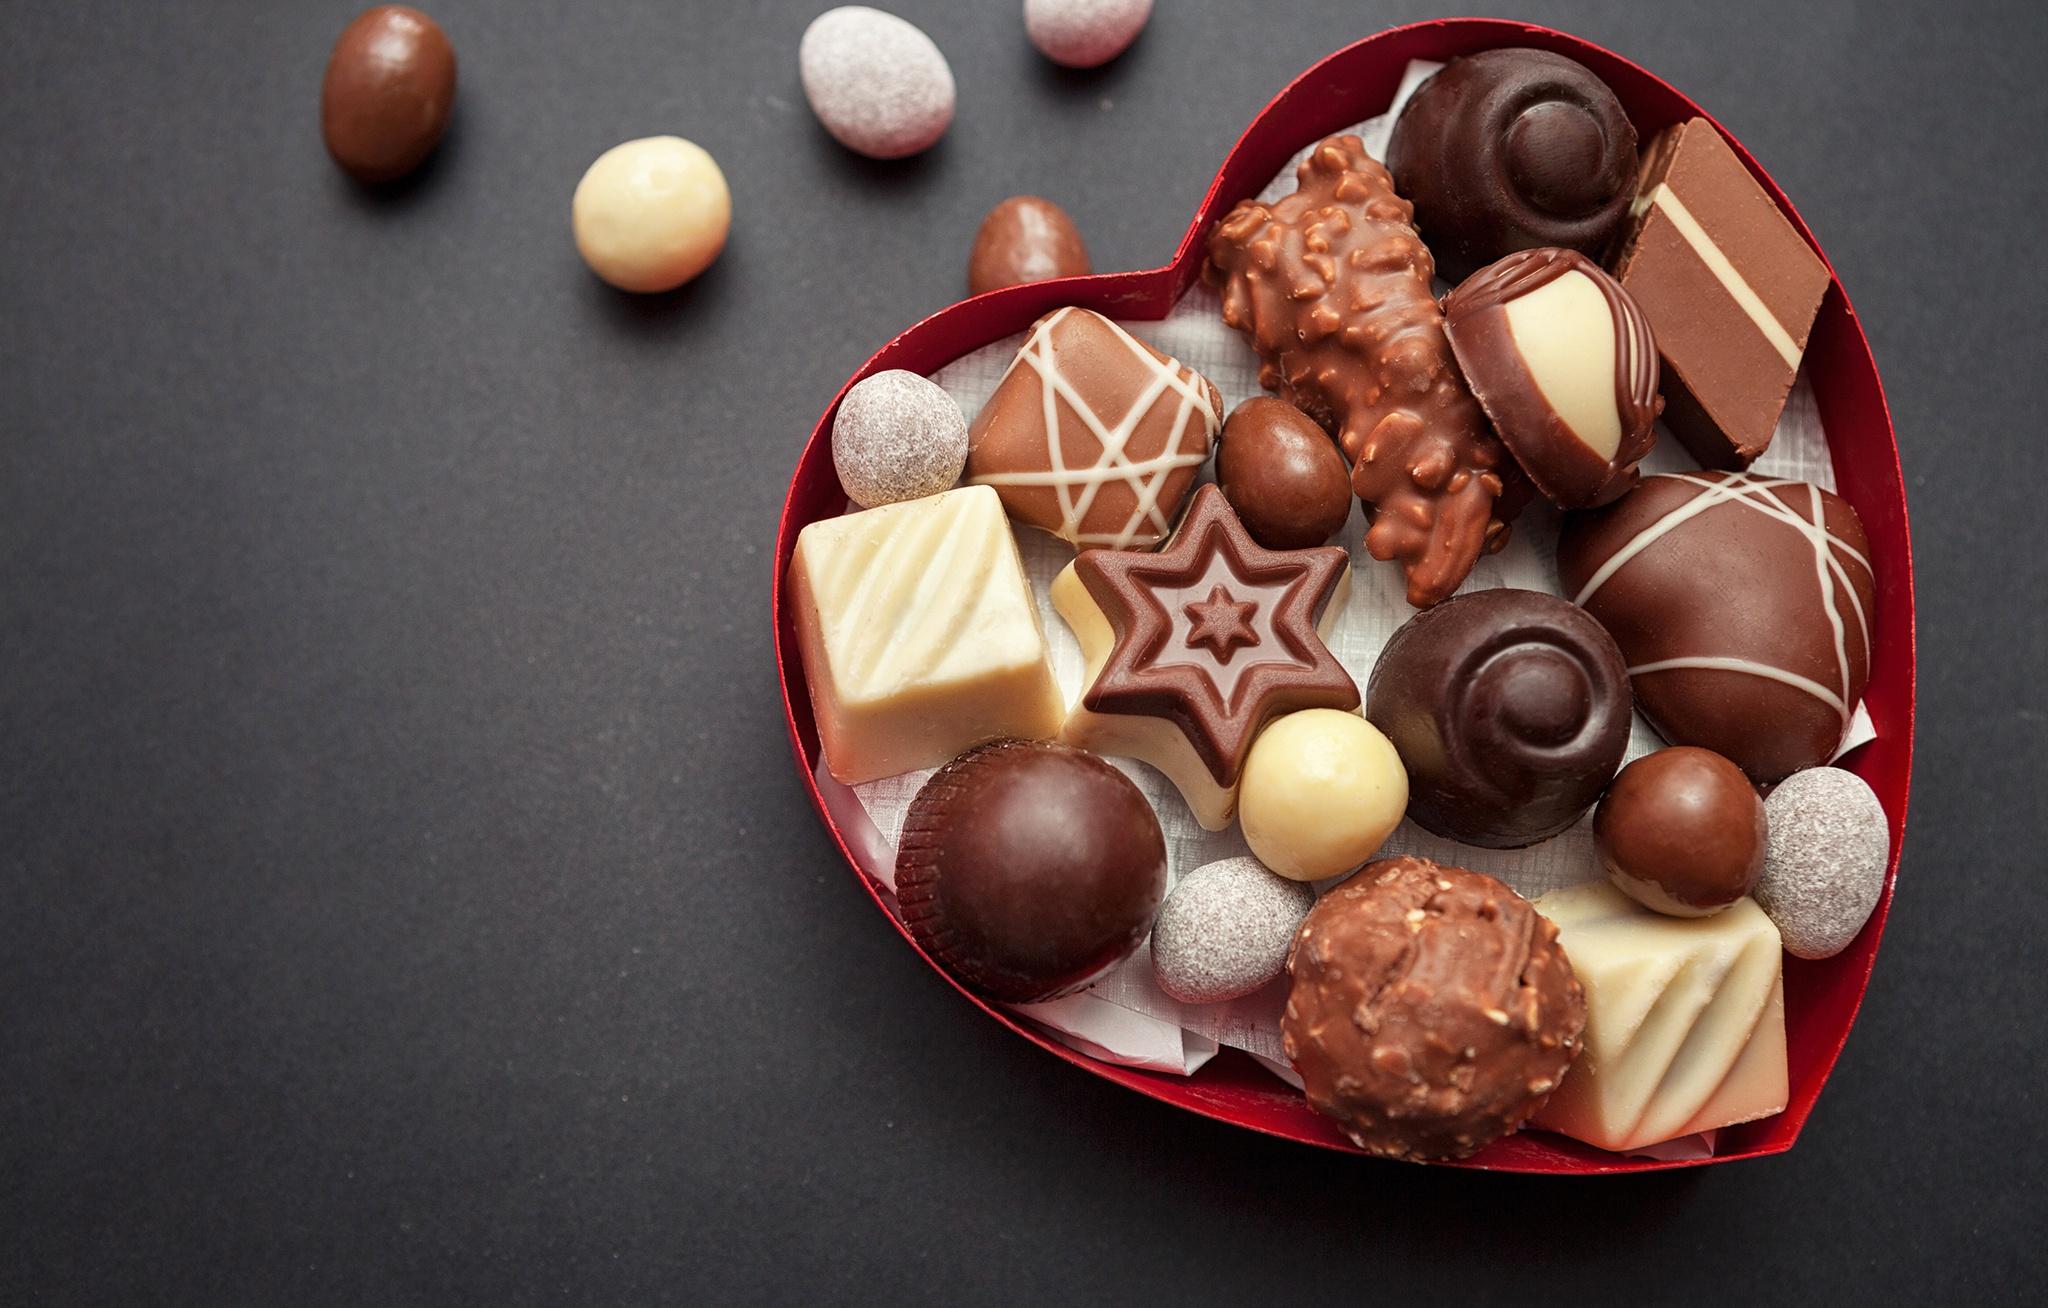 красивое фото для рабочего стола конфеты